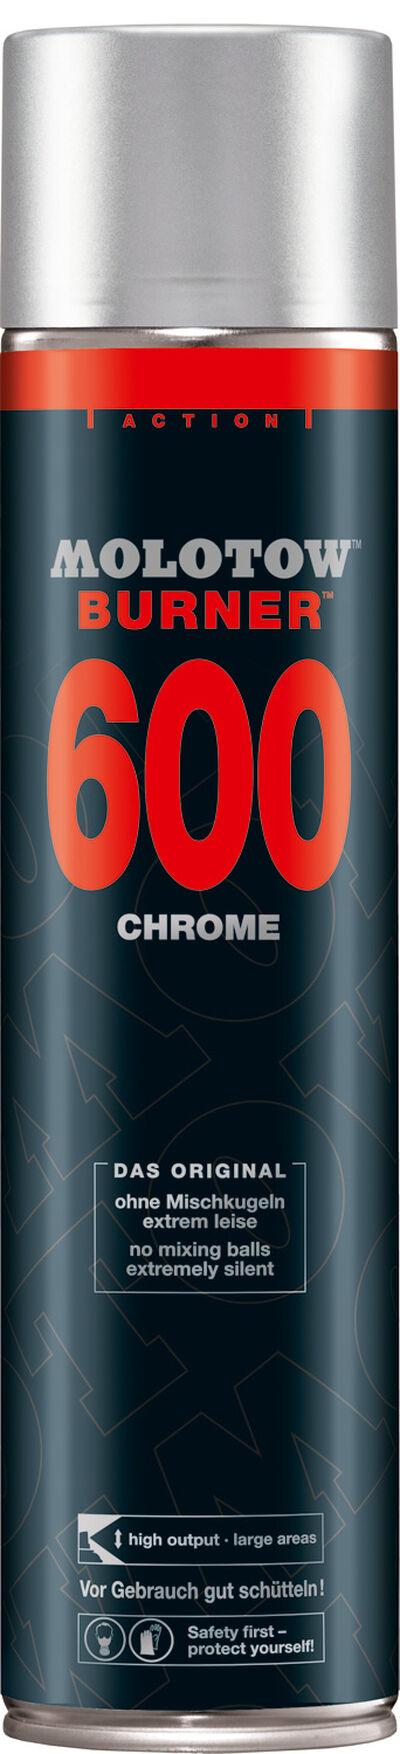 Burner Chrom 600